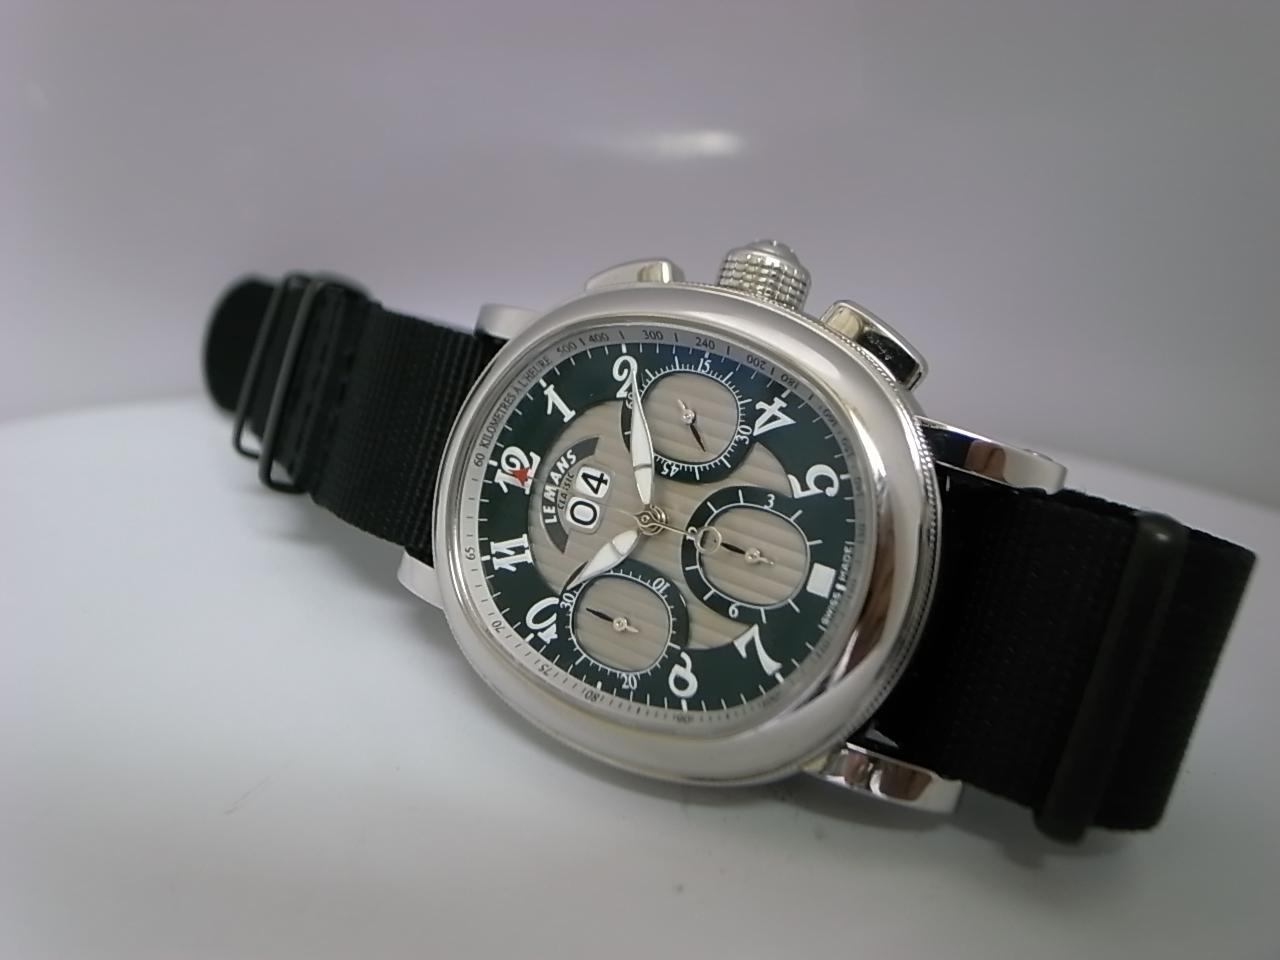 NATOストラップに交換しました。 パンチングレザーのライダース  時計莫迦一代